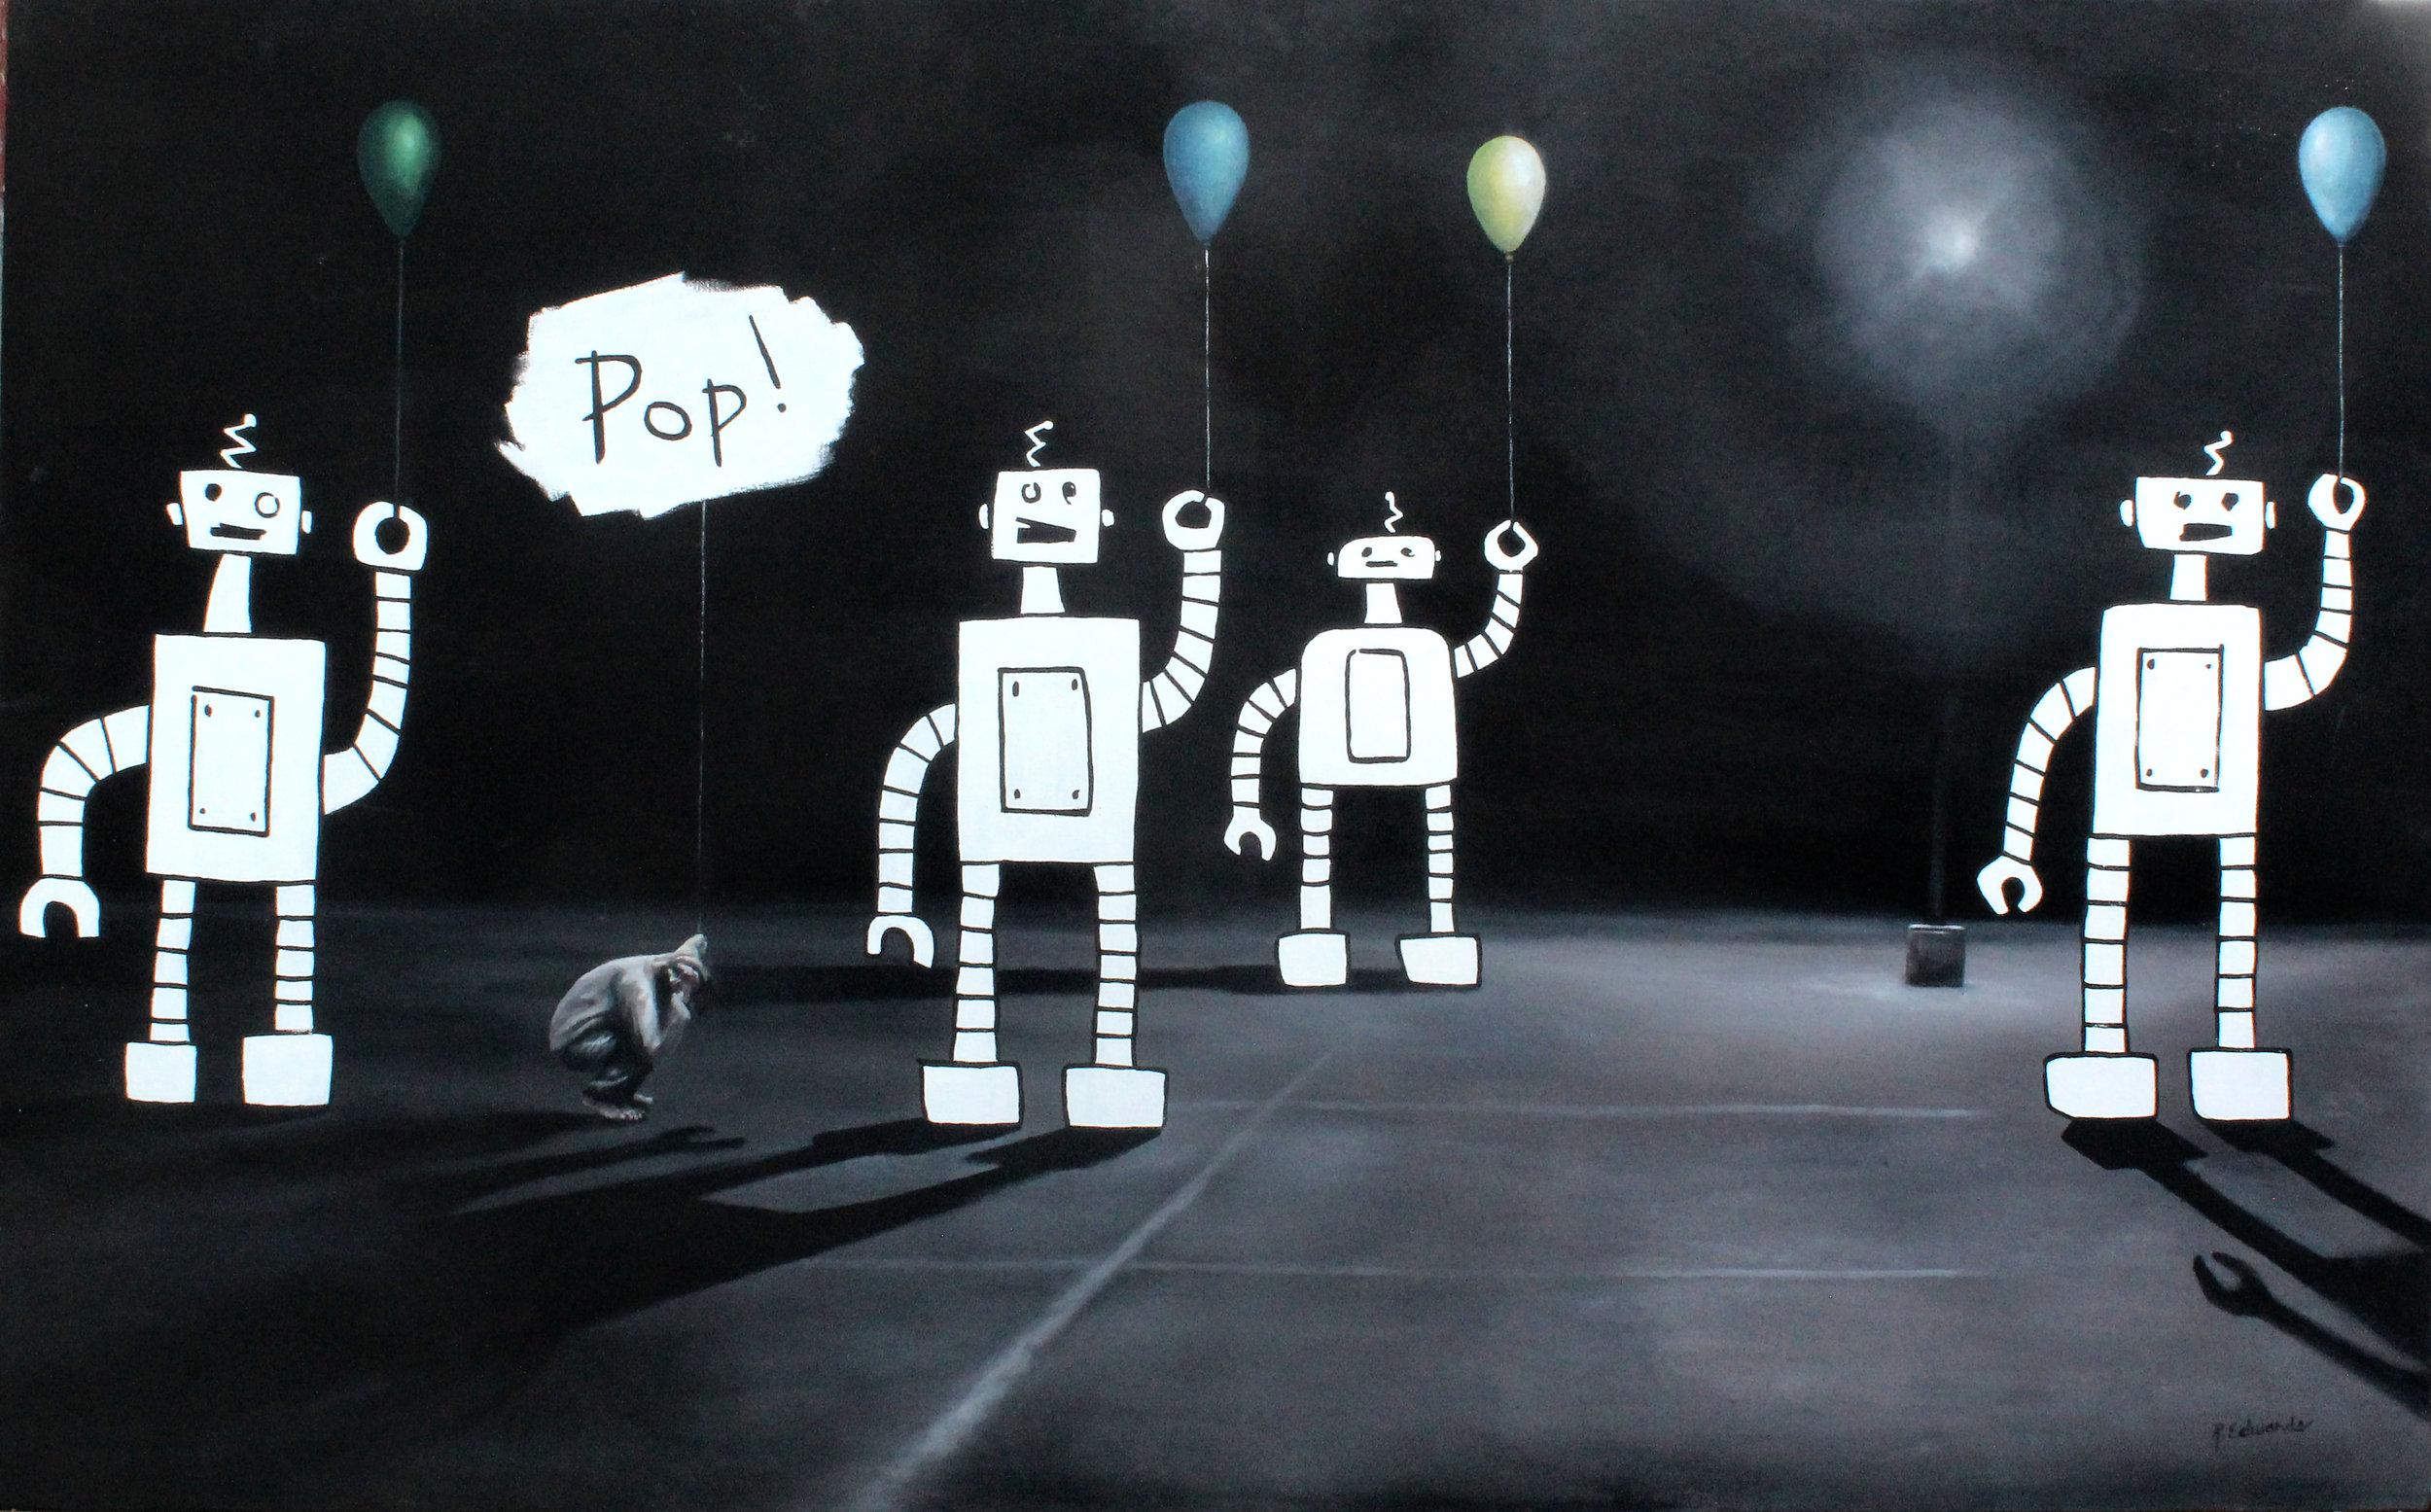 Robot Pop